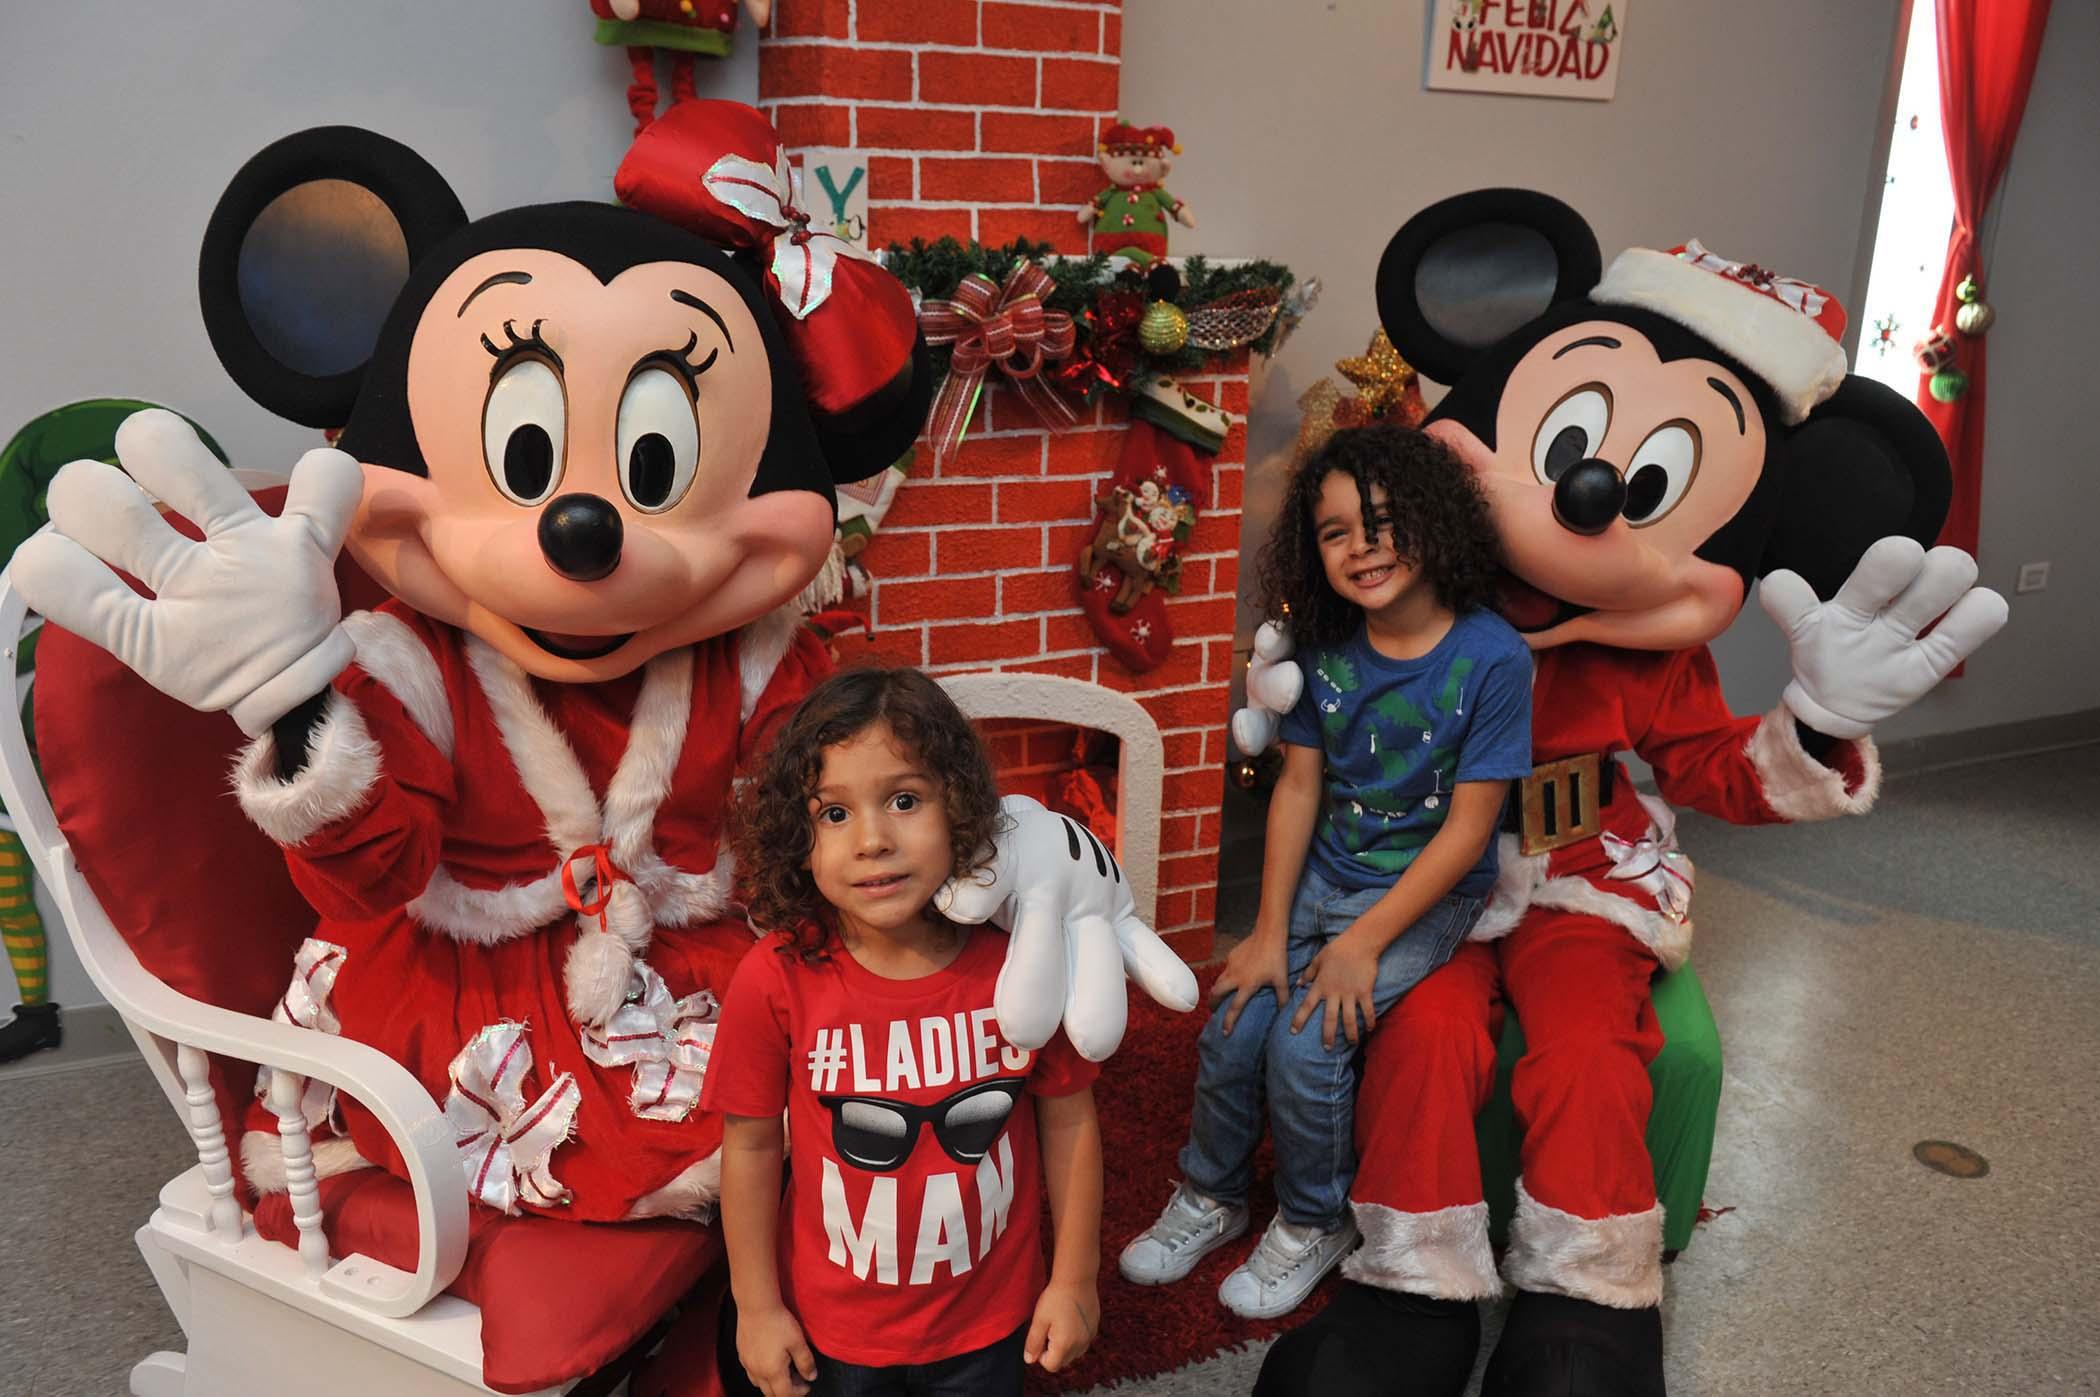 Mini y Mickey Mouse junto a niños